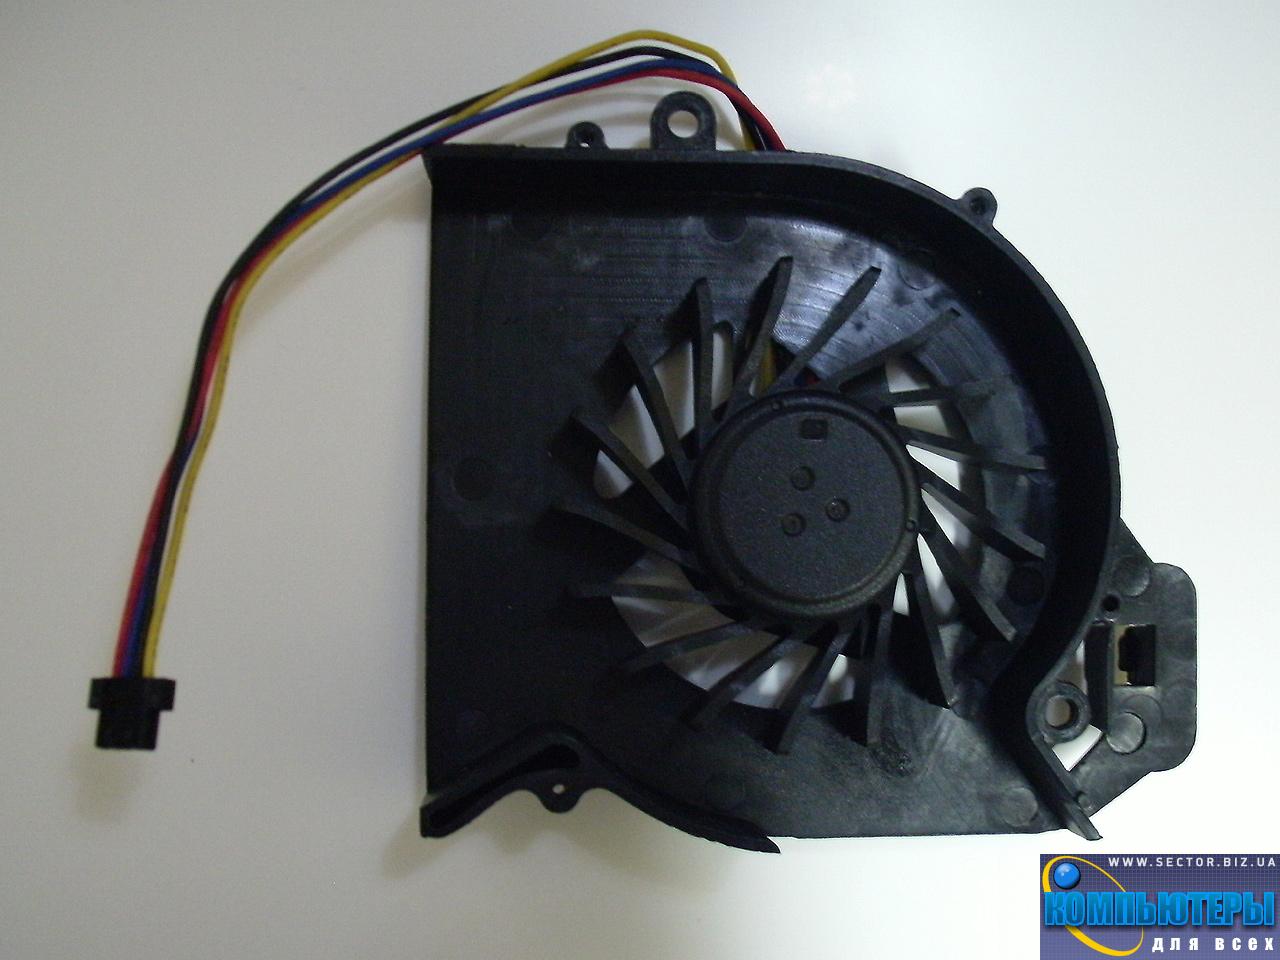 Кулер к ноутбуку HP Pavilion DV6-6200 DV6-6b00 DV6-6c00 DV7-6000 ProBook 4530S p/n: MF60120V1-C181-S9A. Фото № 1.